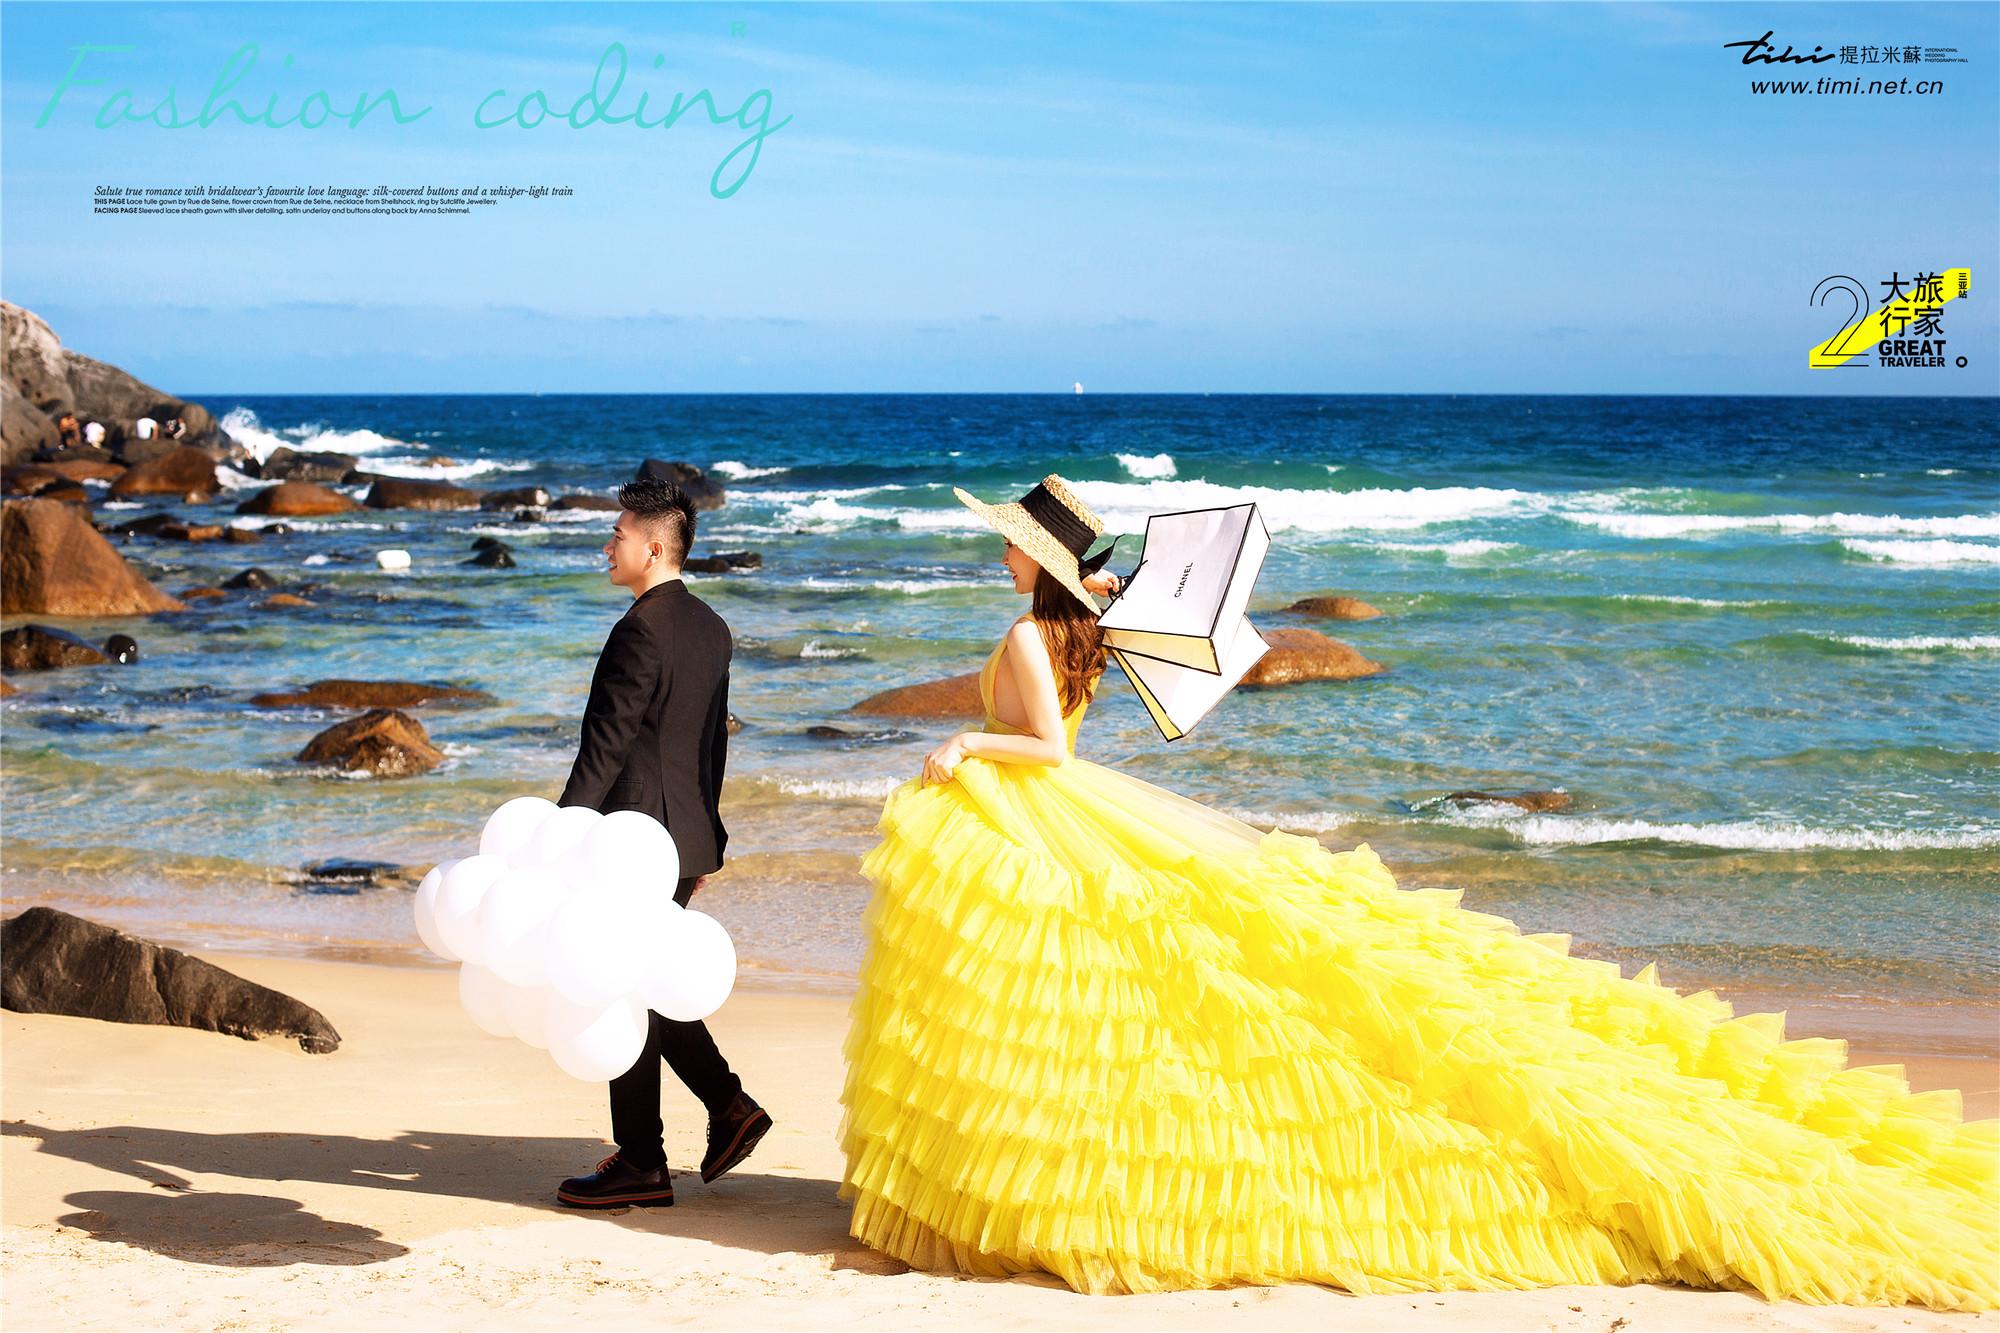 蜜月旅拍圣地巴厘岛婚纱照